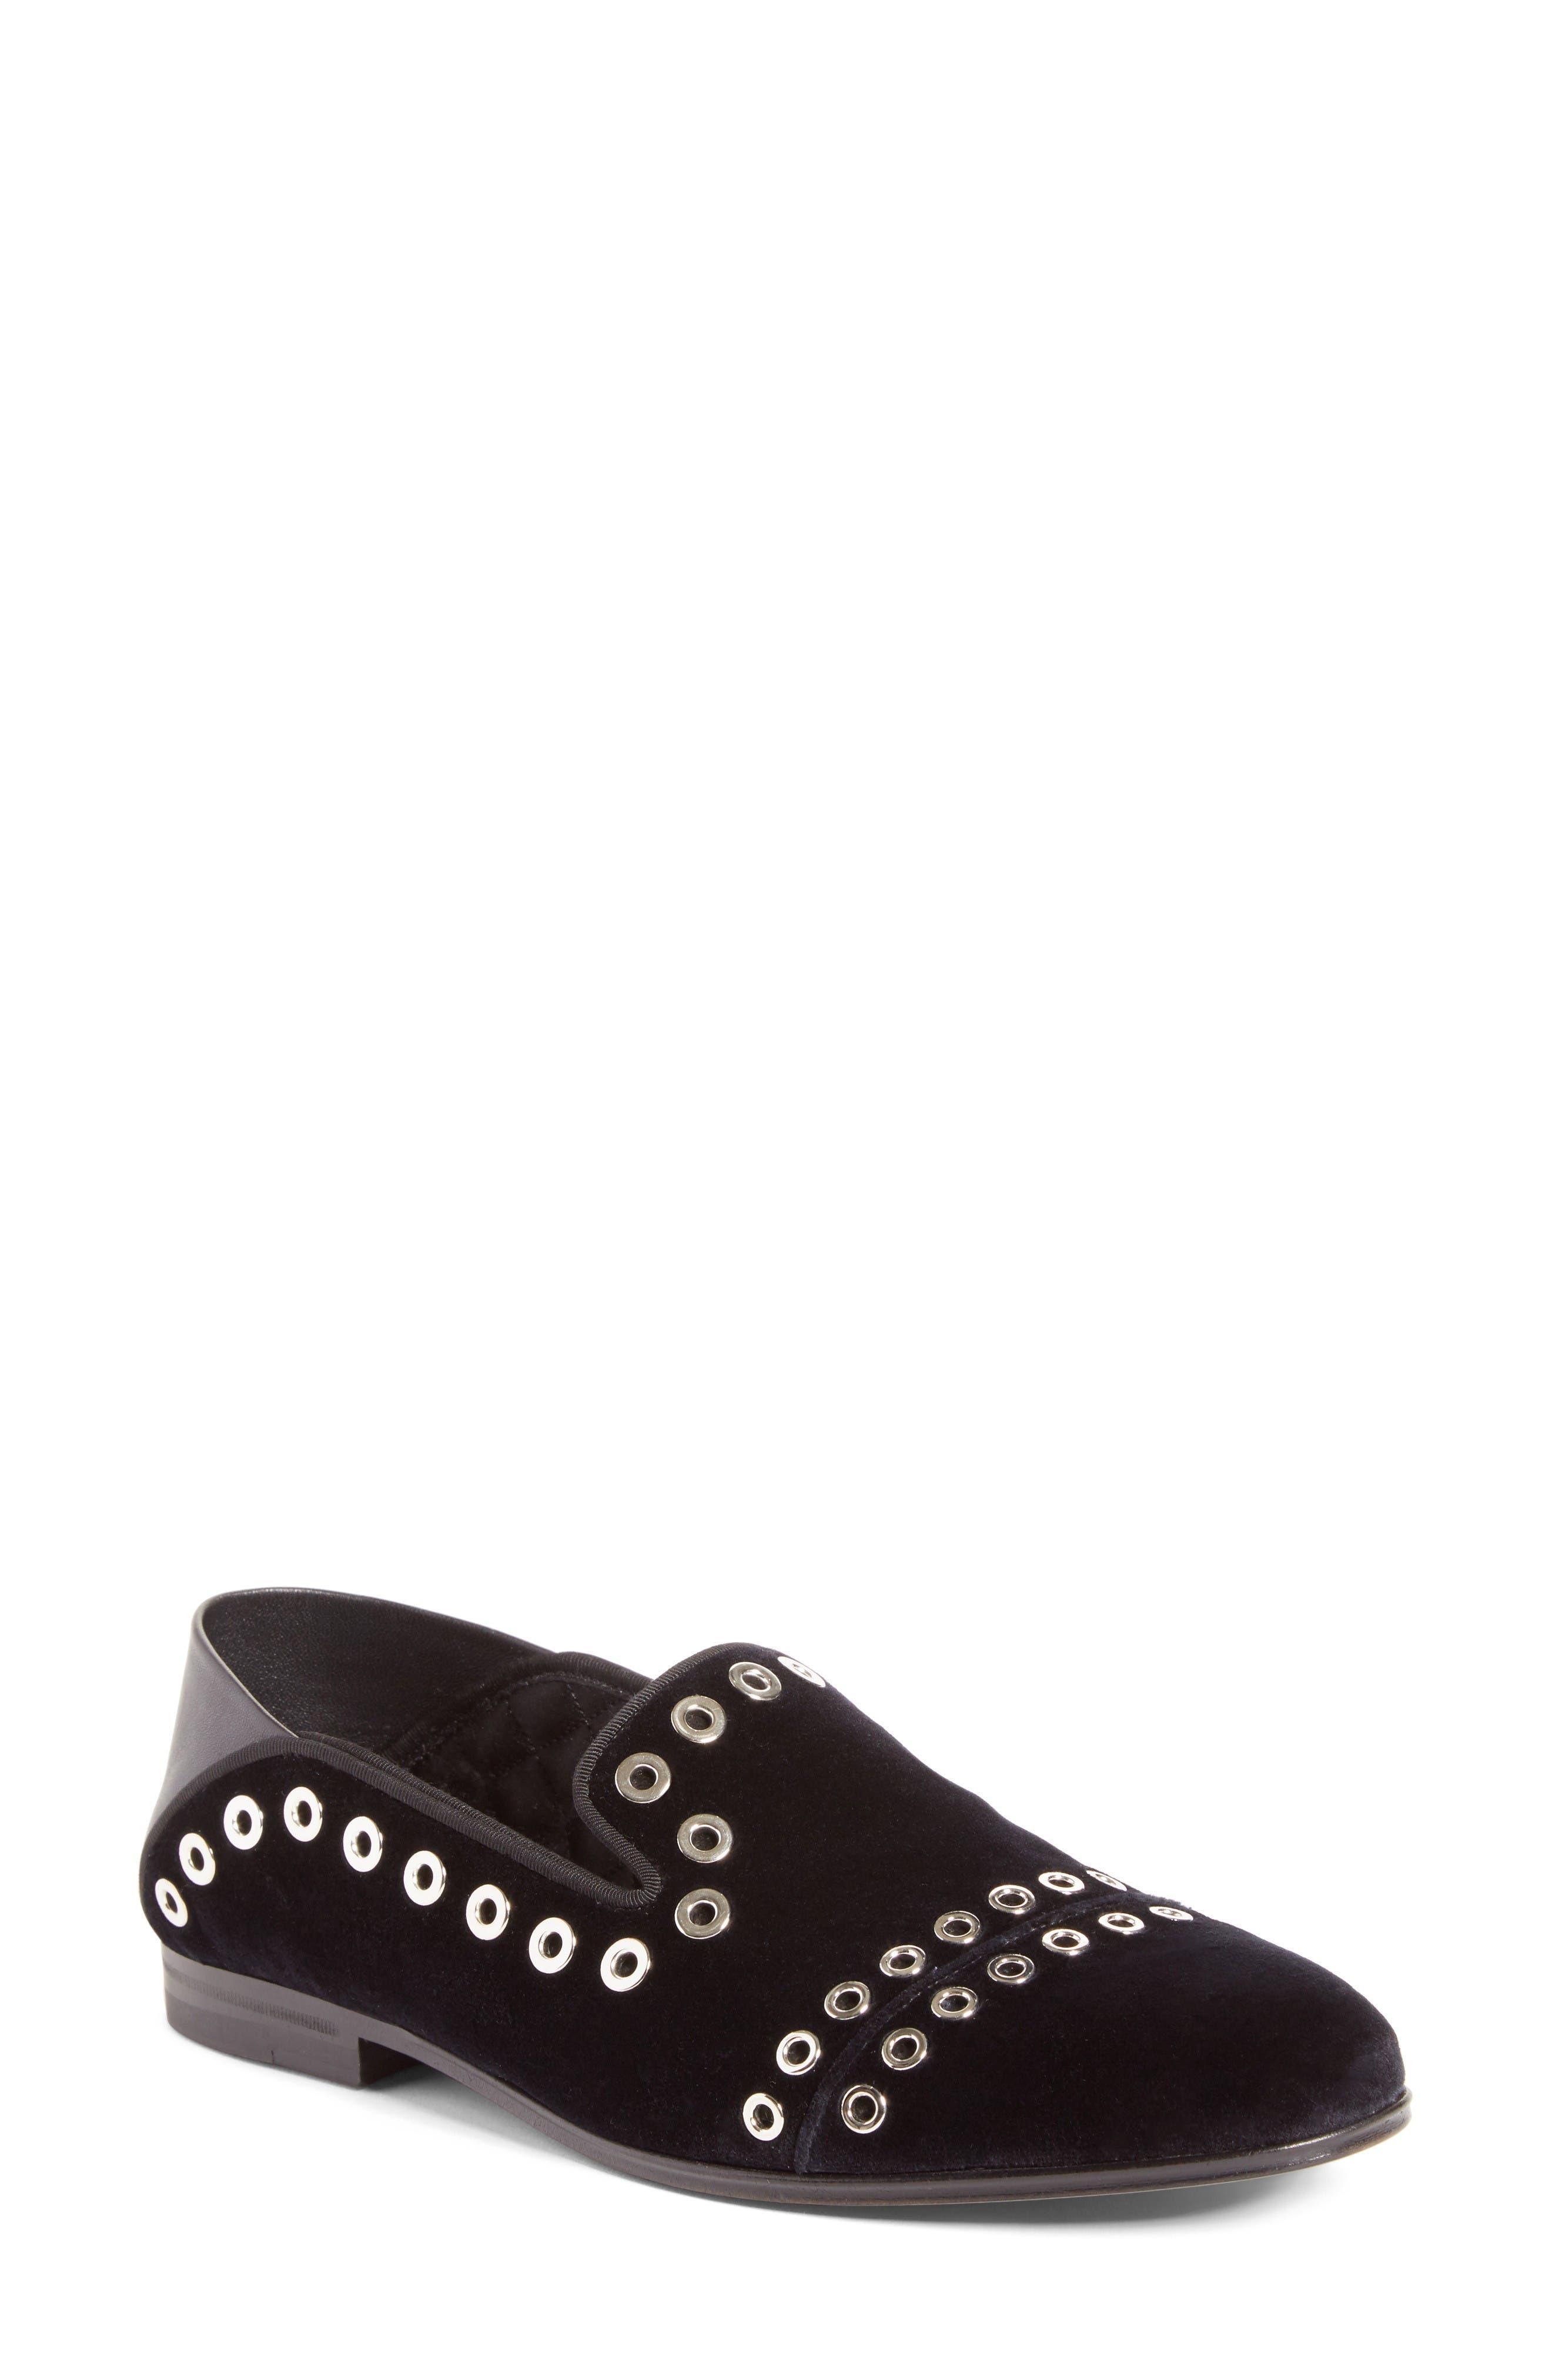 Main Image - Alexander McQueen Grommet Convertible Loafer (Women)